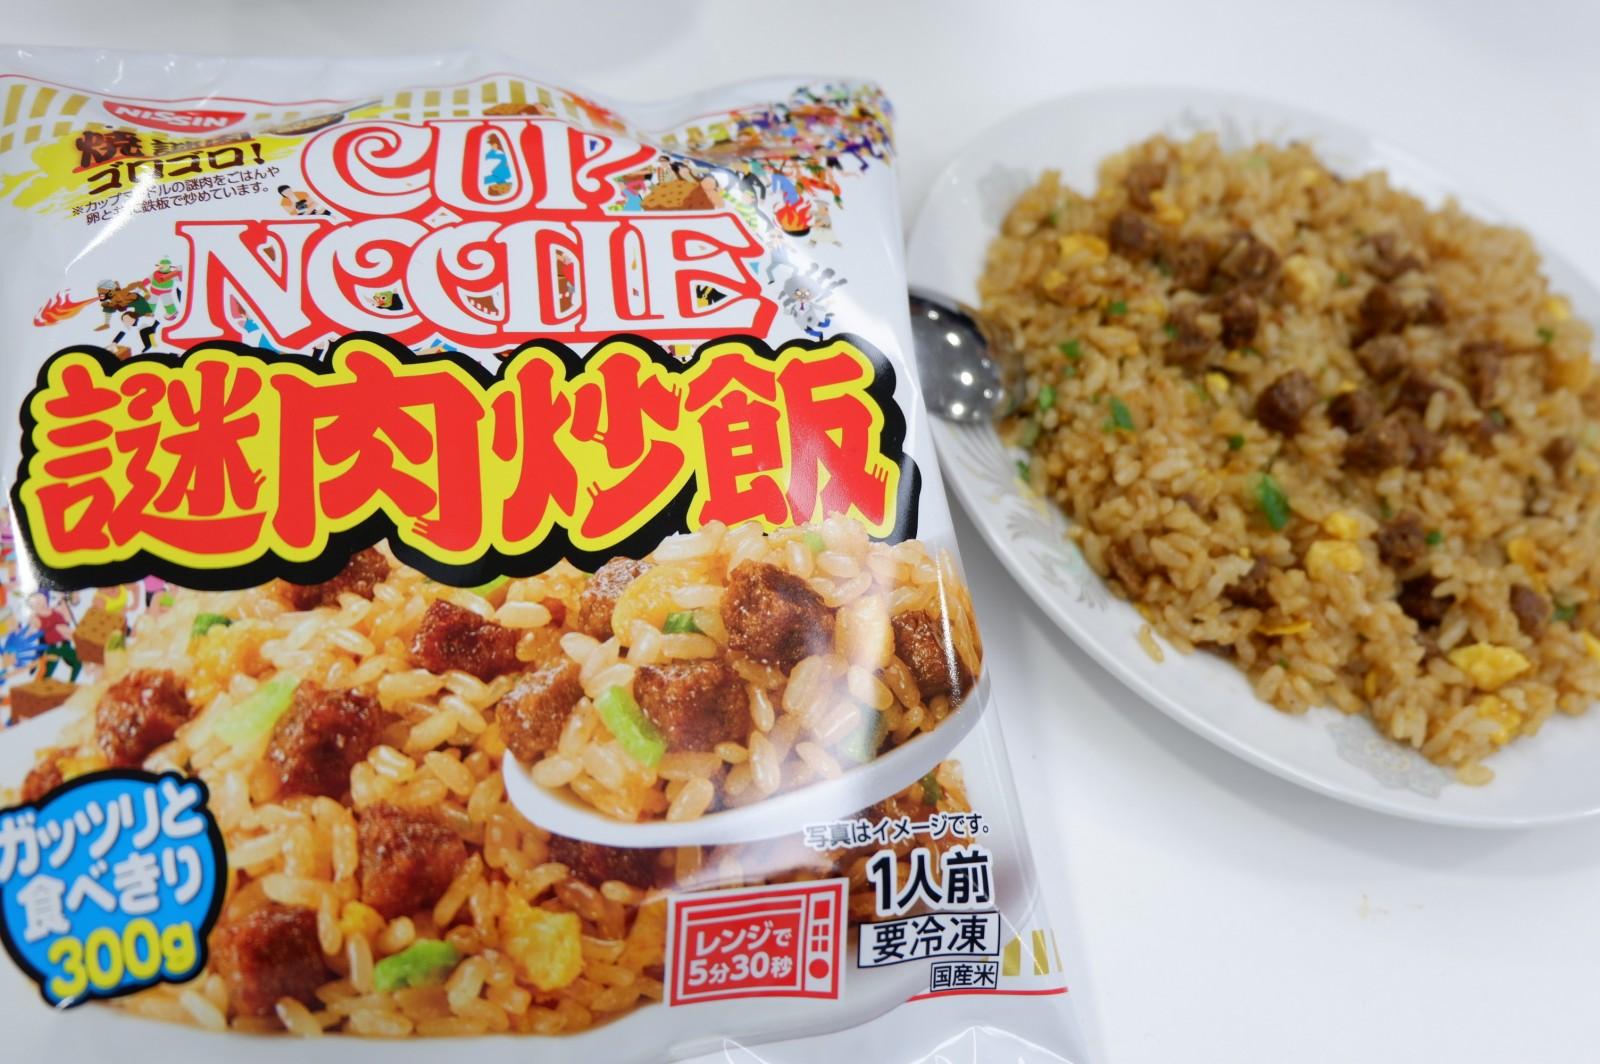 ついに、「謎肉炒飯」!! 300gでガッツリ満足。関東甲信越地区で先行発売へ